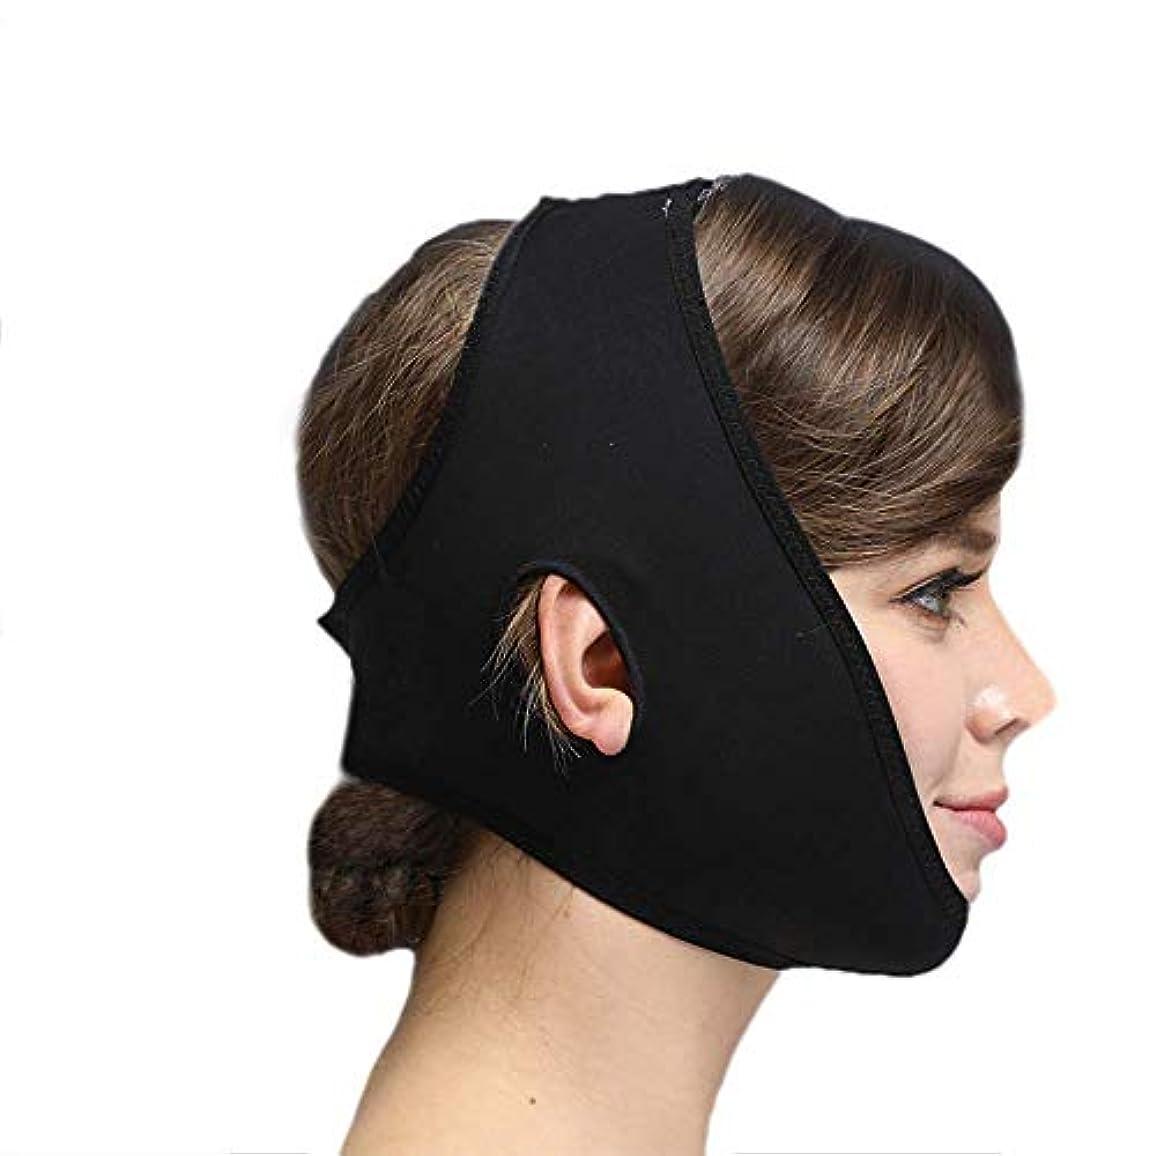 電報にやにや精神的にフェイススリミングマスク、快適さと通気性、フェイシャルリフティング、輪郭の改善された硬さ、ファーミングとリフティングフェイス(カラー:ブラック、サイズ:XL),ブラック2、L